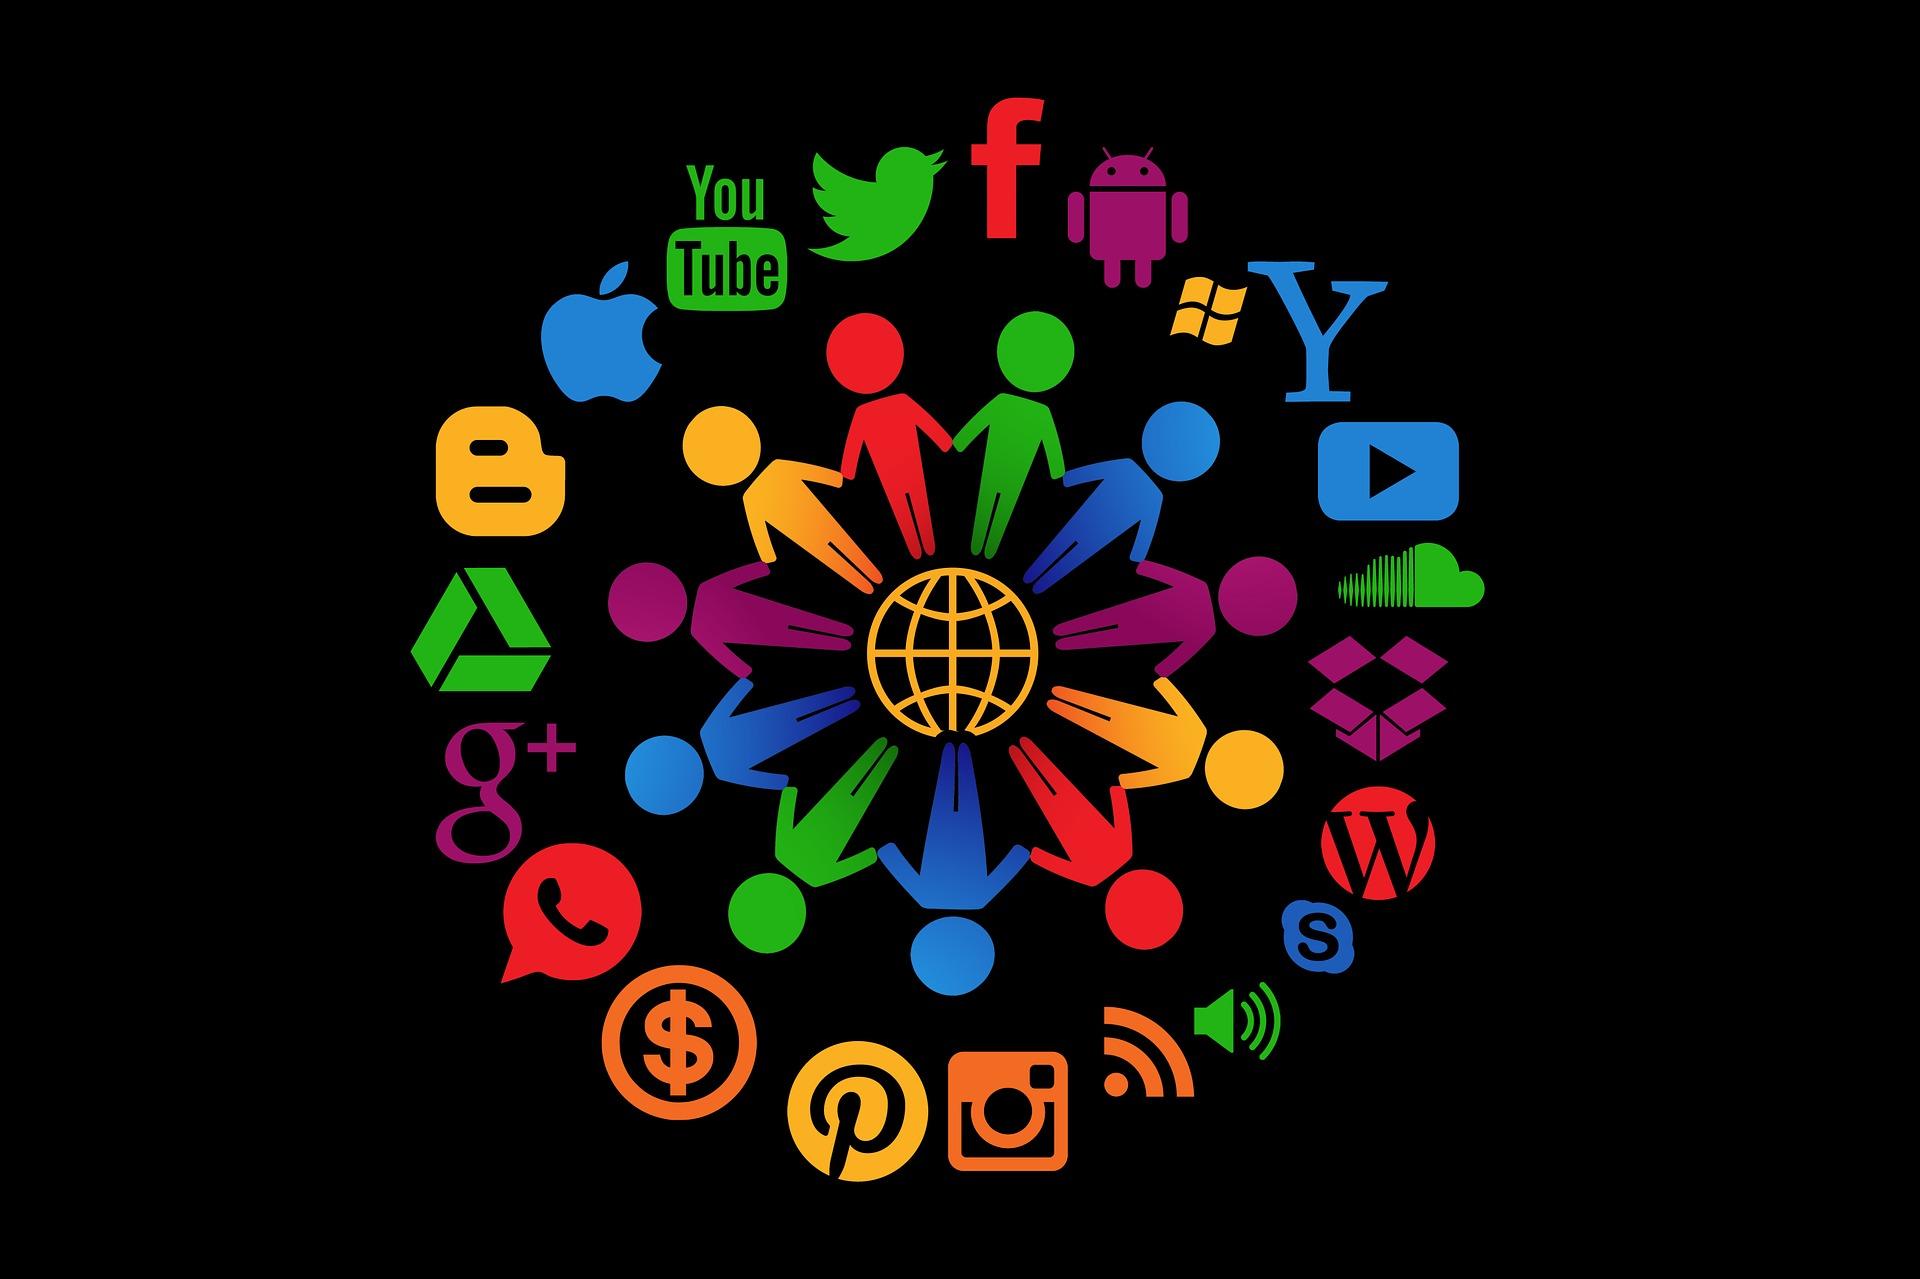 קורס תקשורת שיווקית ופרסום